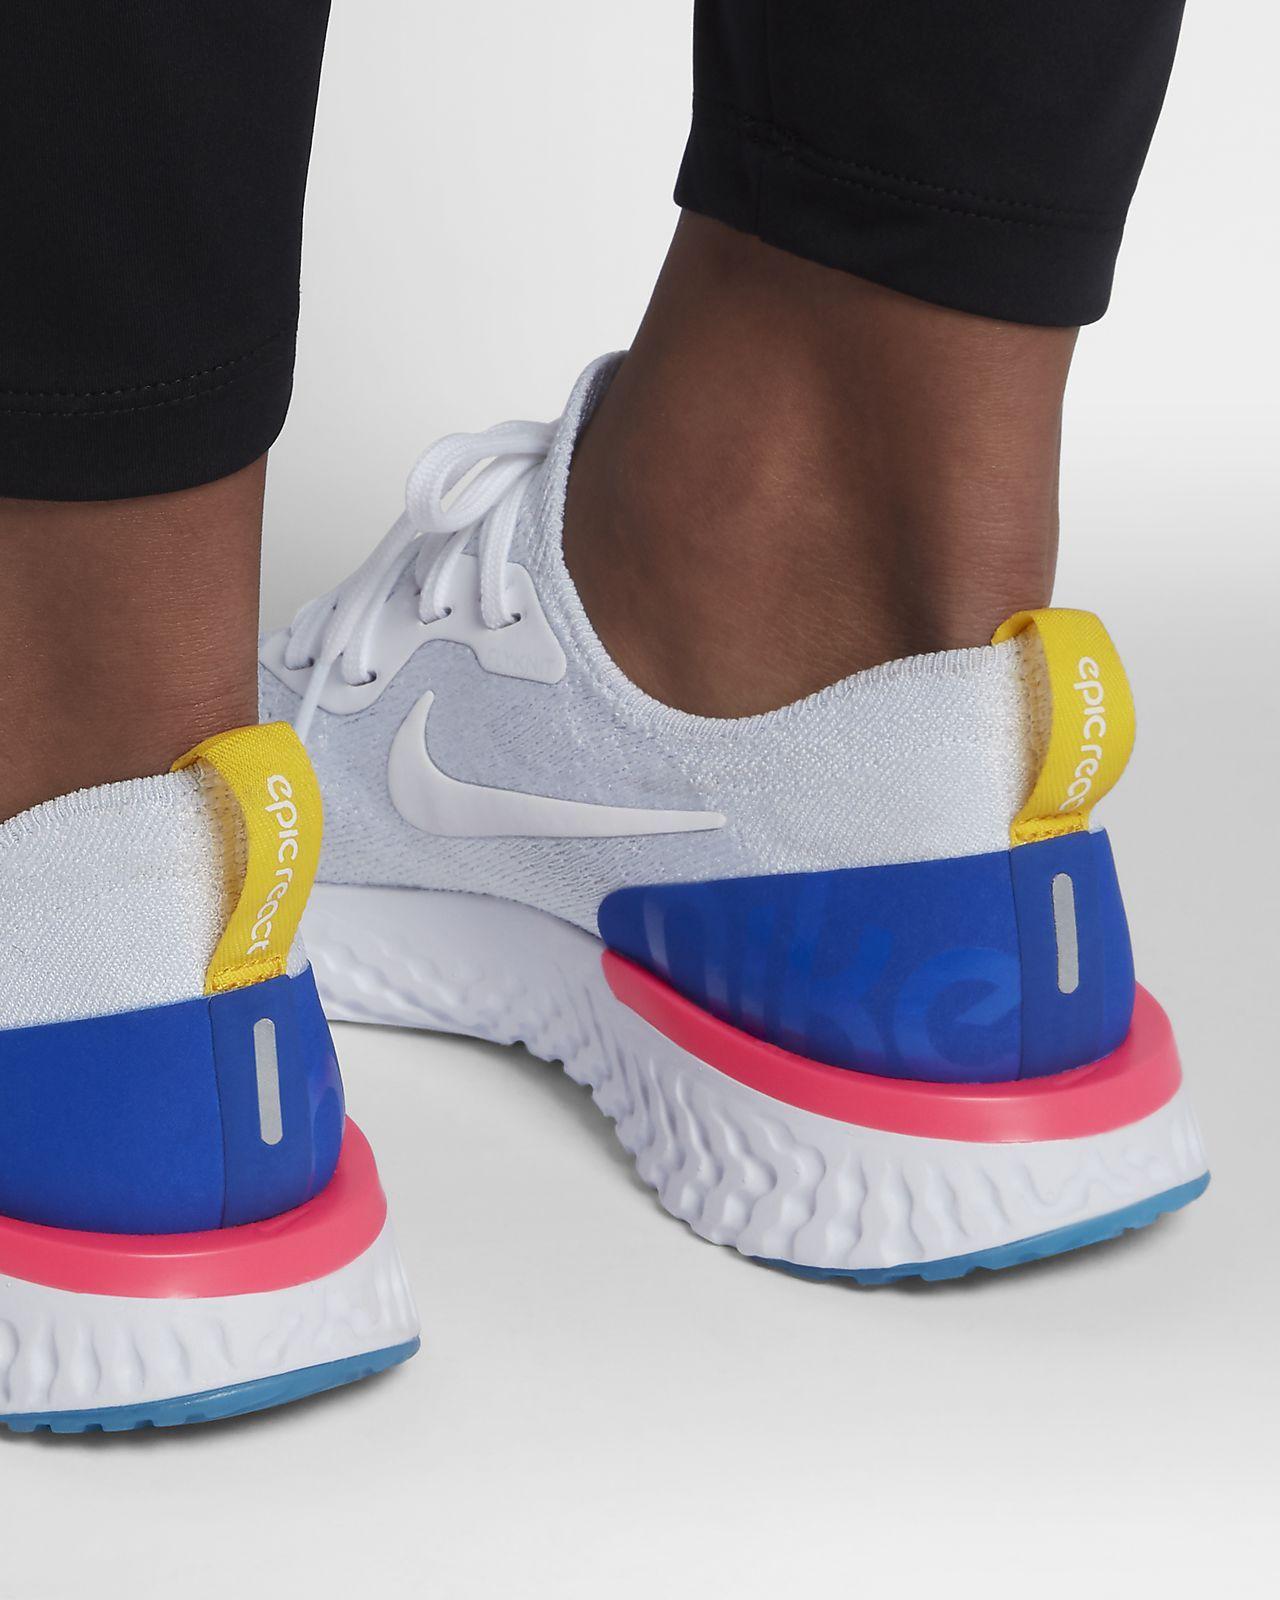 626542620f7fc Nike Epic React Flyknit Women s Running Shoe